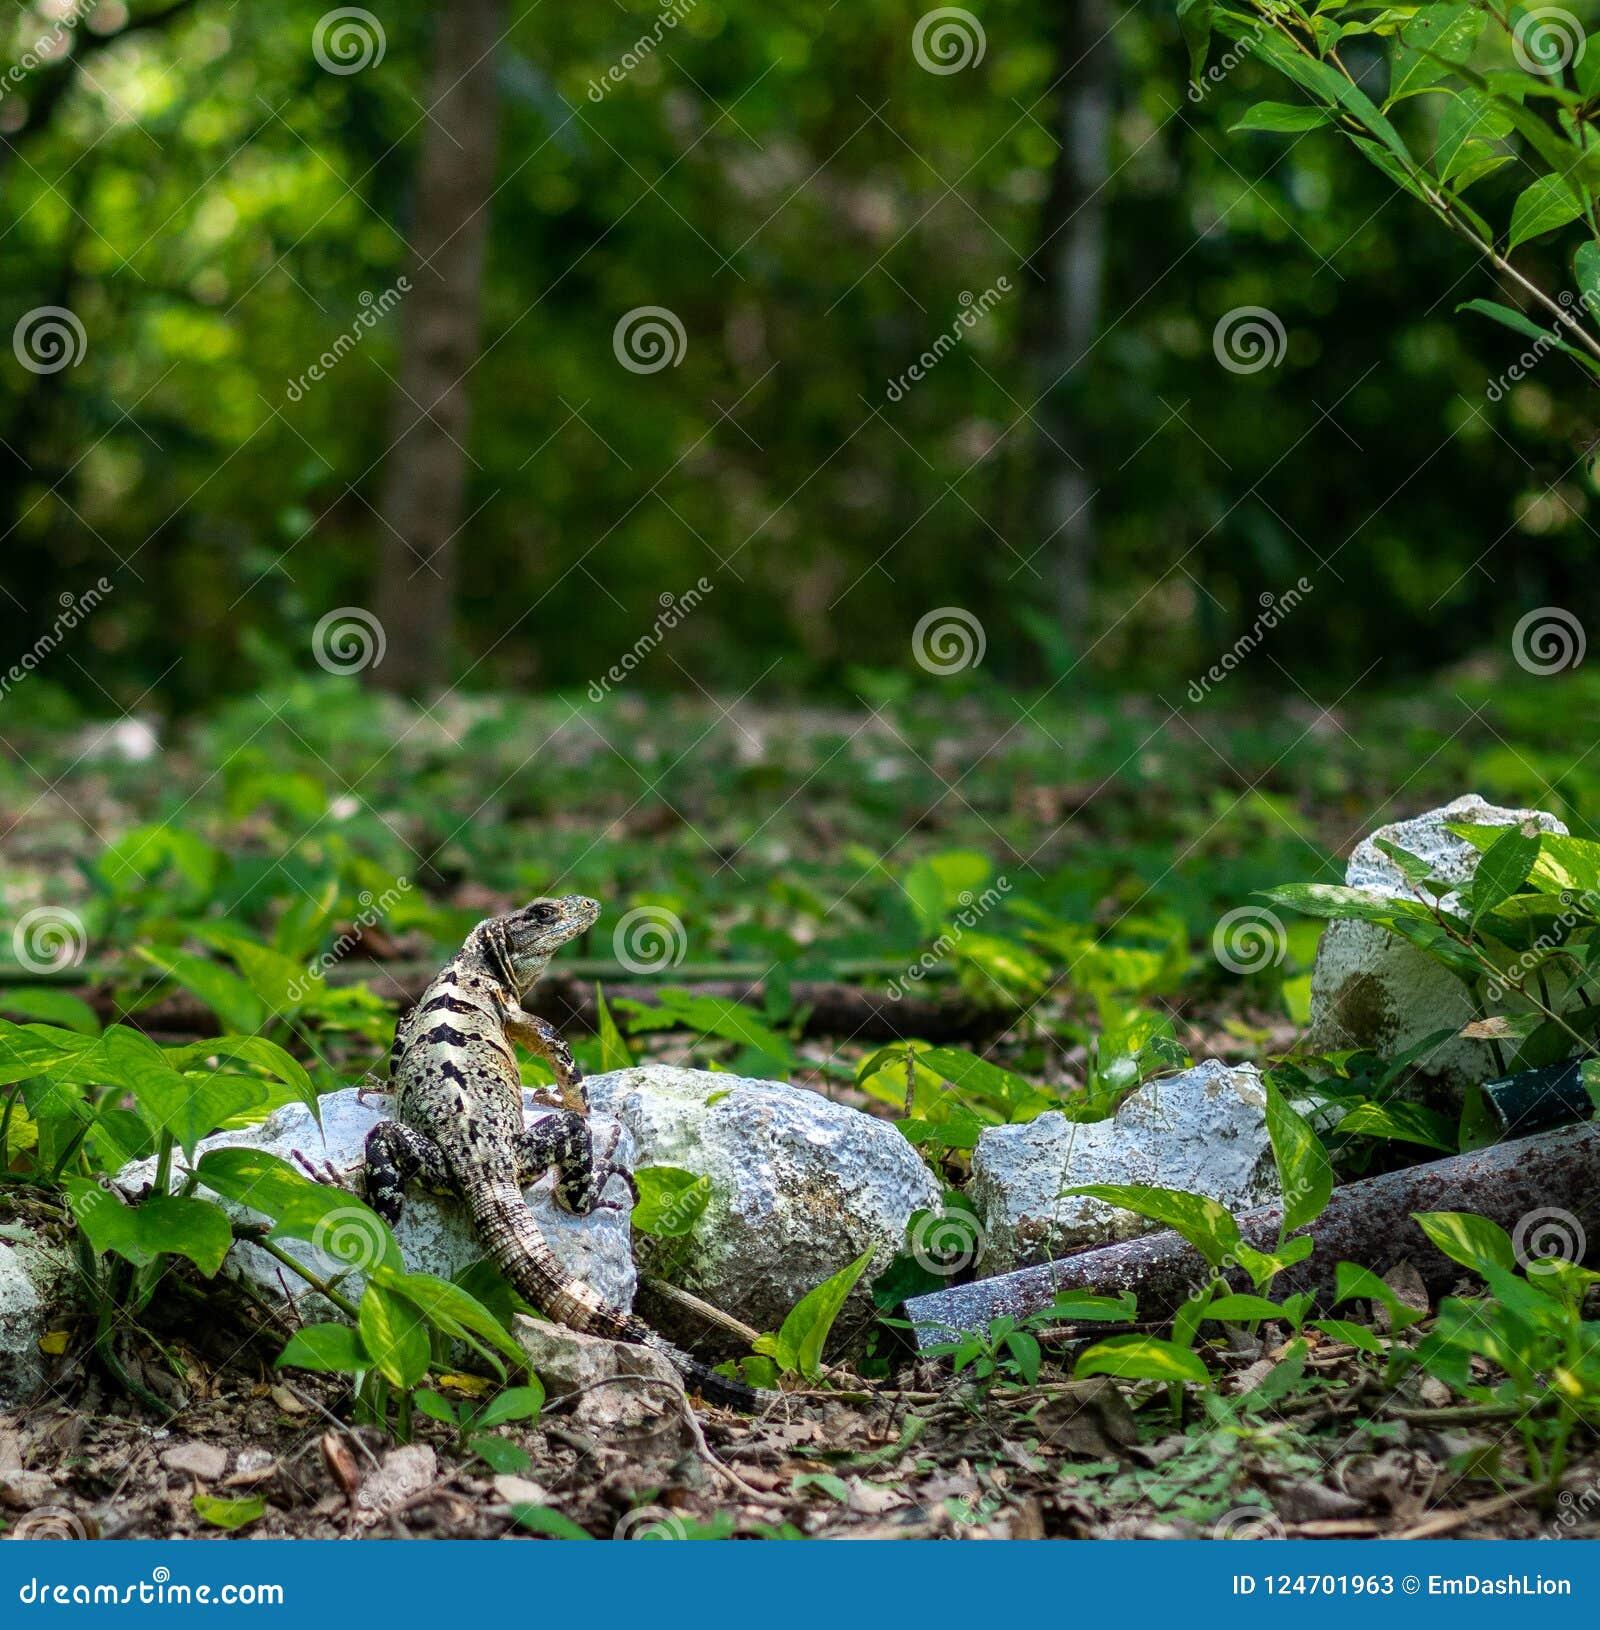 Adolescentie zwarte spiney-de steel verwijderde van similis van leguaanctenosaura in